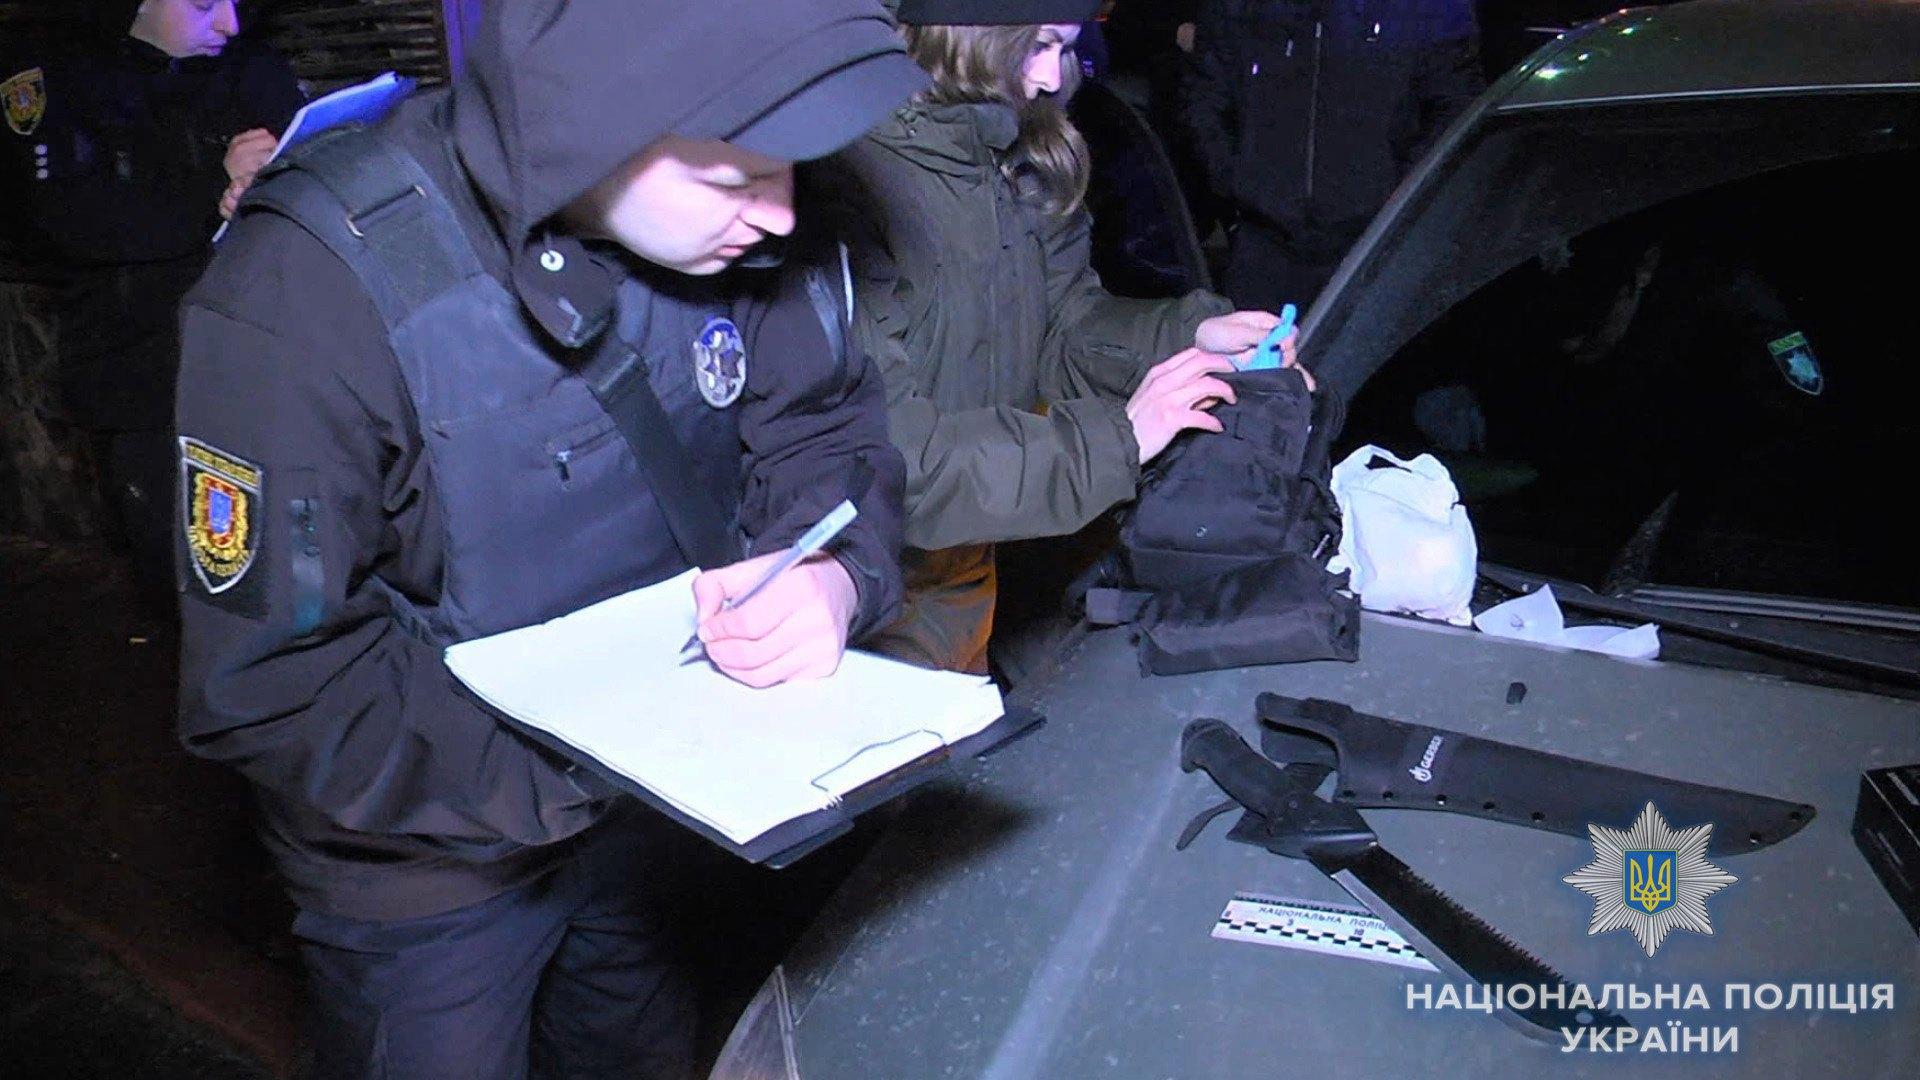 ВОдессе задержаны трое граждан России, угрожавших прохожим ножом